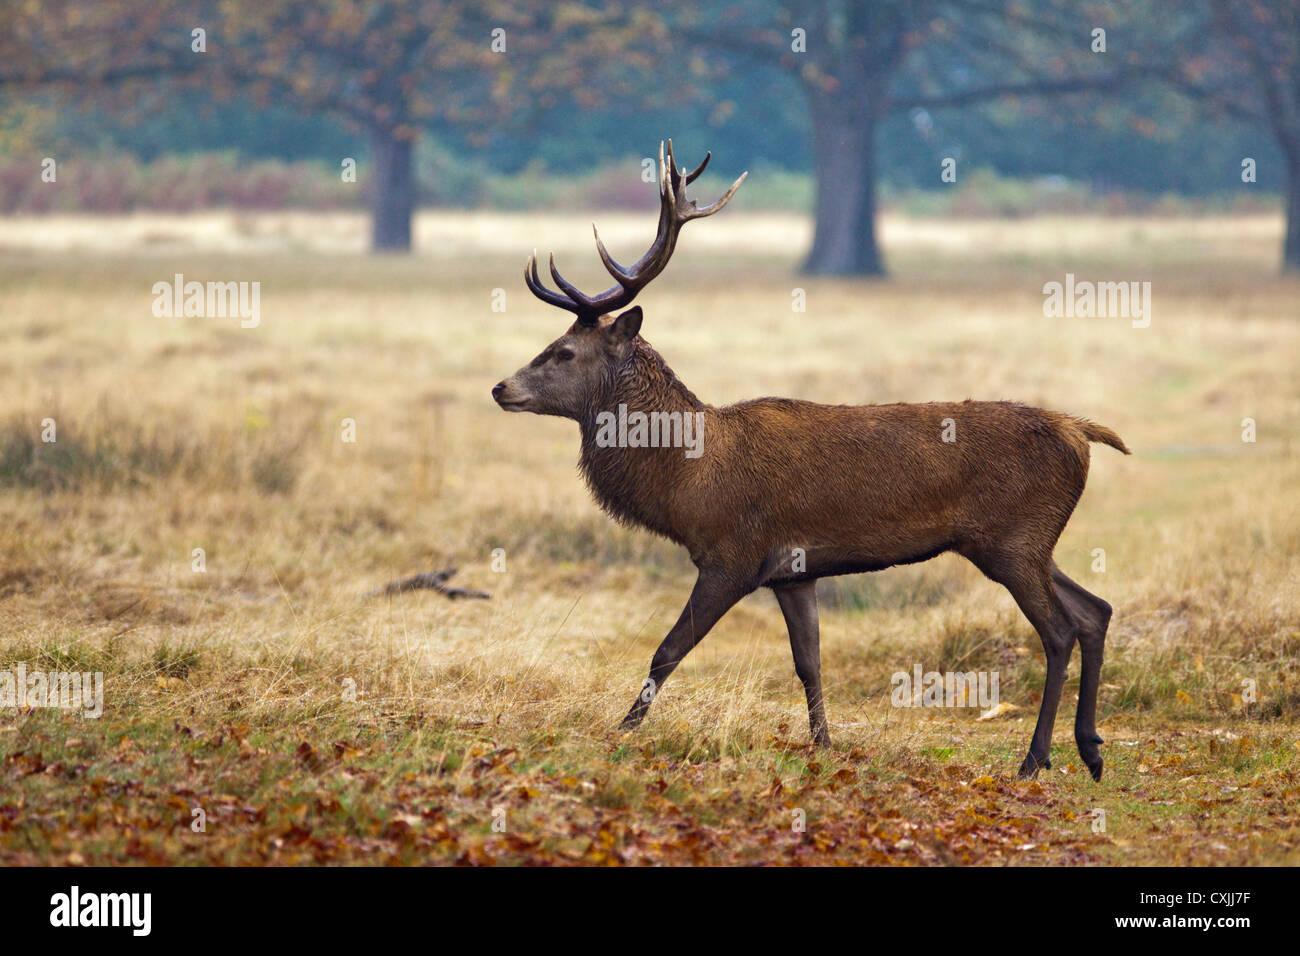 Ciervo rojo (Cervus elaphus) stag retrato, paseos, perfil, Richmond Park, REINO UNIDO Imagen De Stock